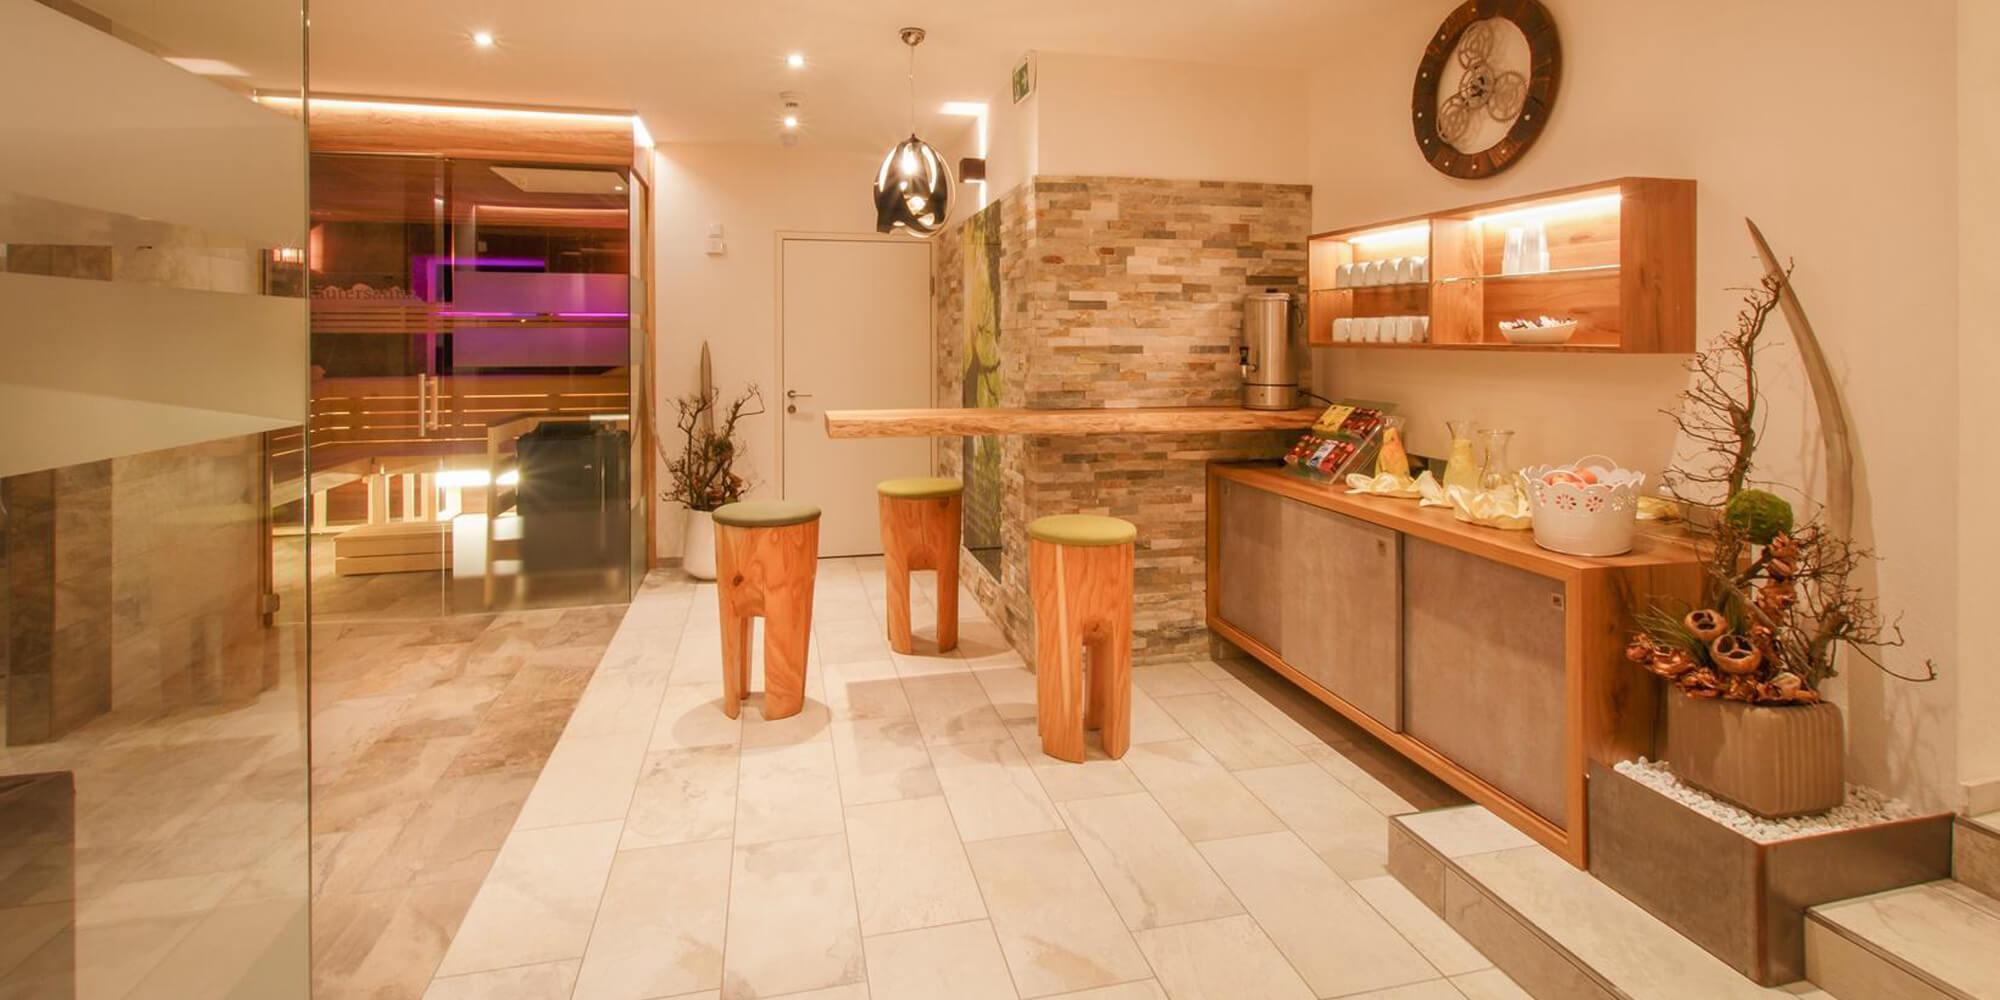 Crea-Plan-Design-Rauch-Frühmann-Architektur-Innenarchitektur-Design-Projekt-Referenz-Hotelerie-Gastronomie-Hotel-Donauschlinge-Wellness-2